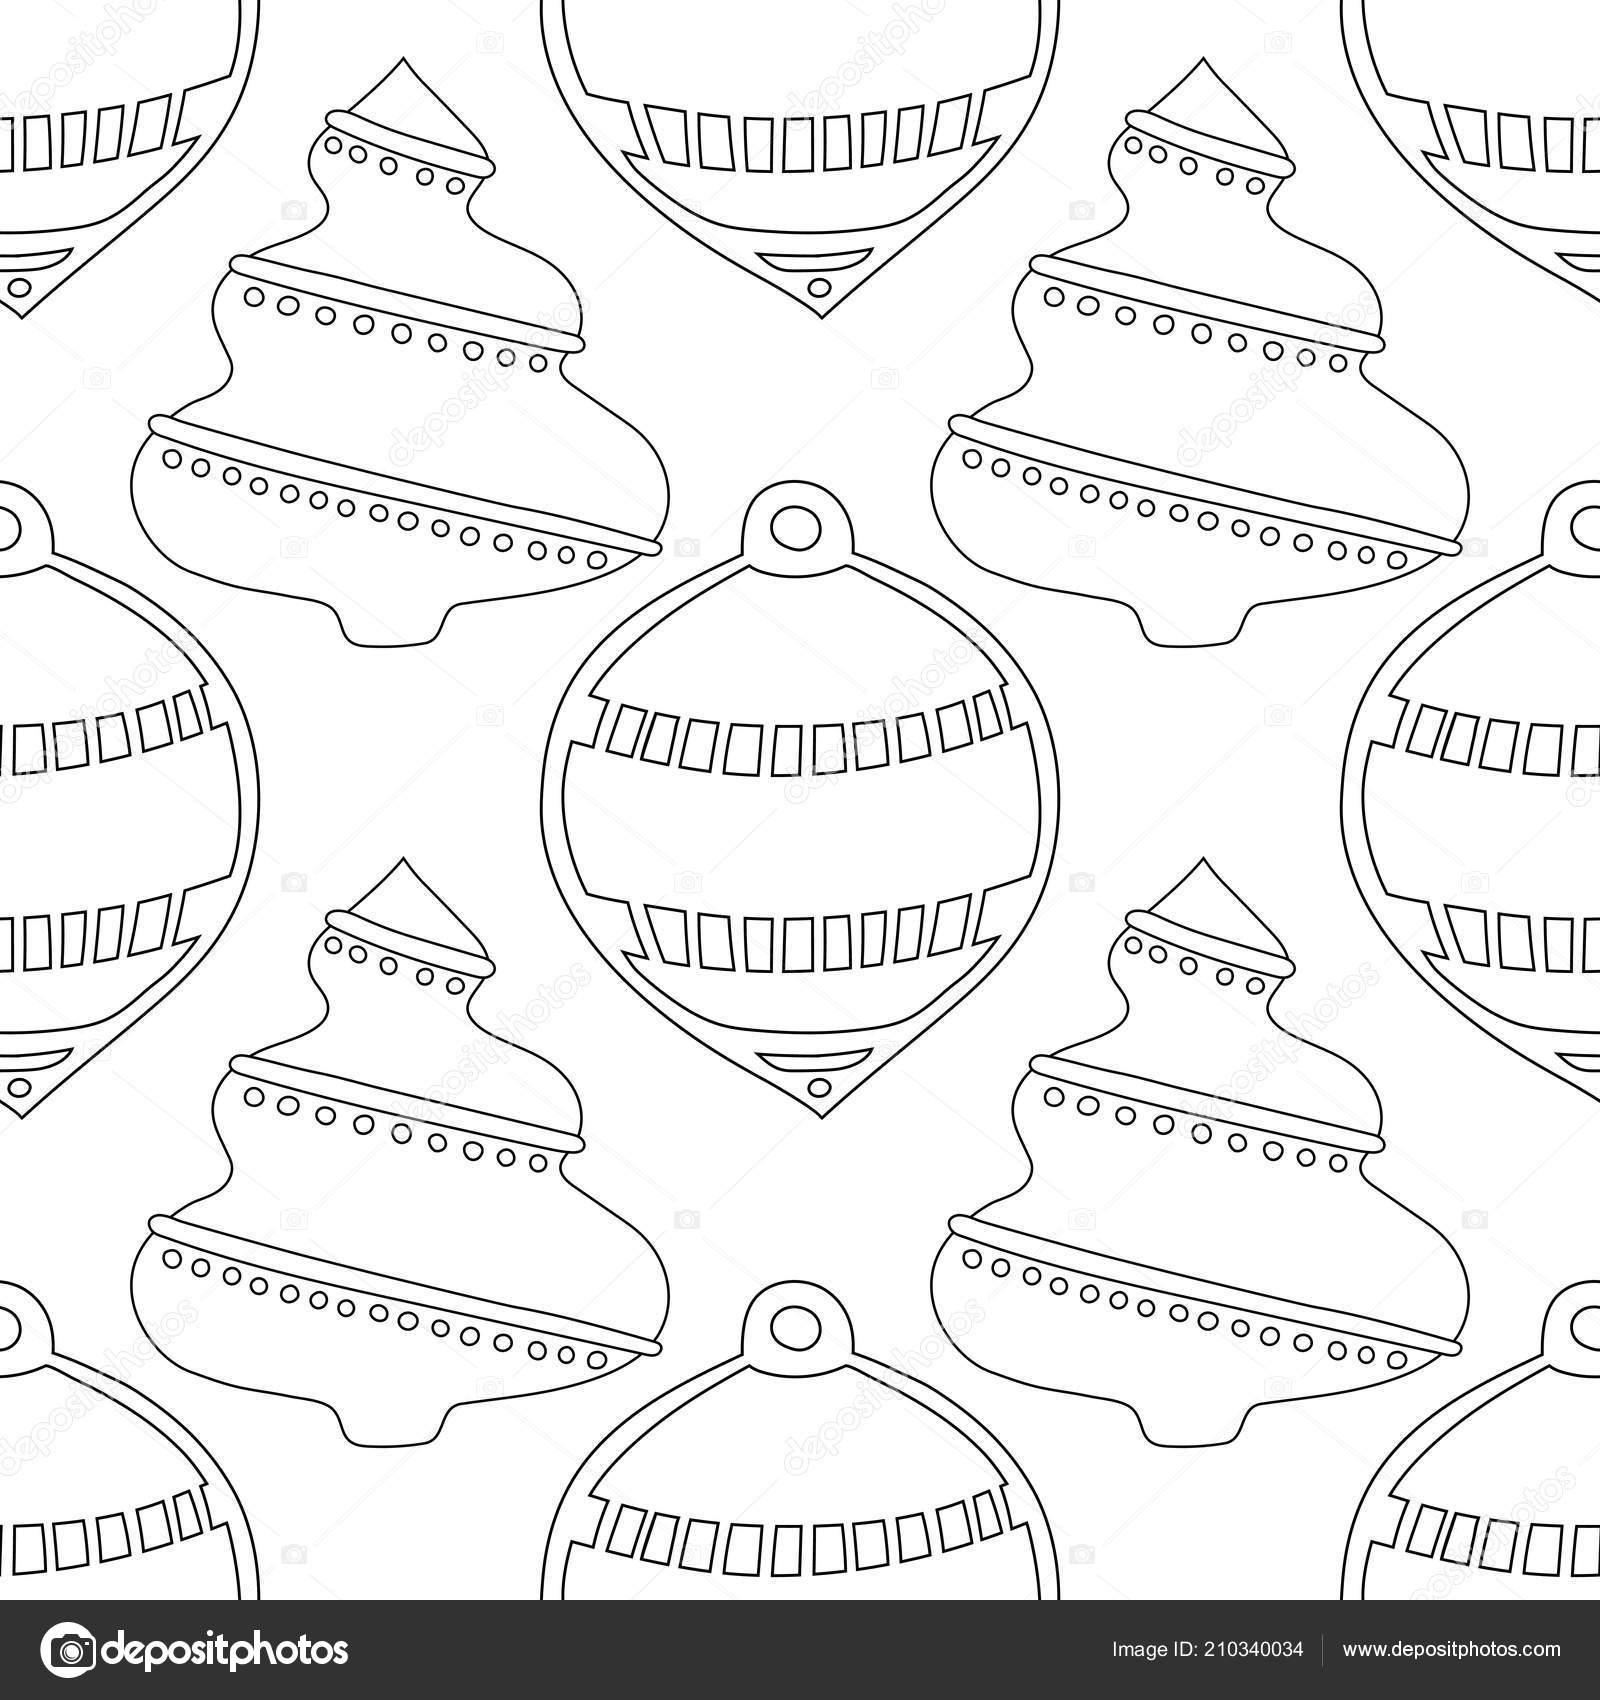 Zencefilli Kurabiye Kitap Veya Sayfa Boyama Icin Siyah Beyaz Resim